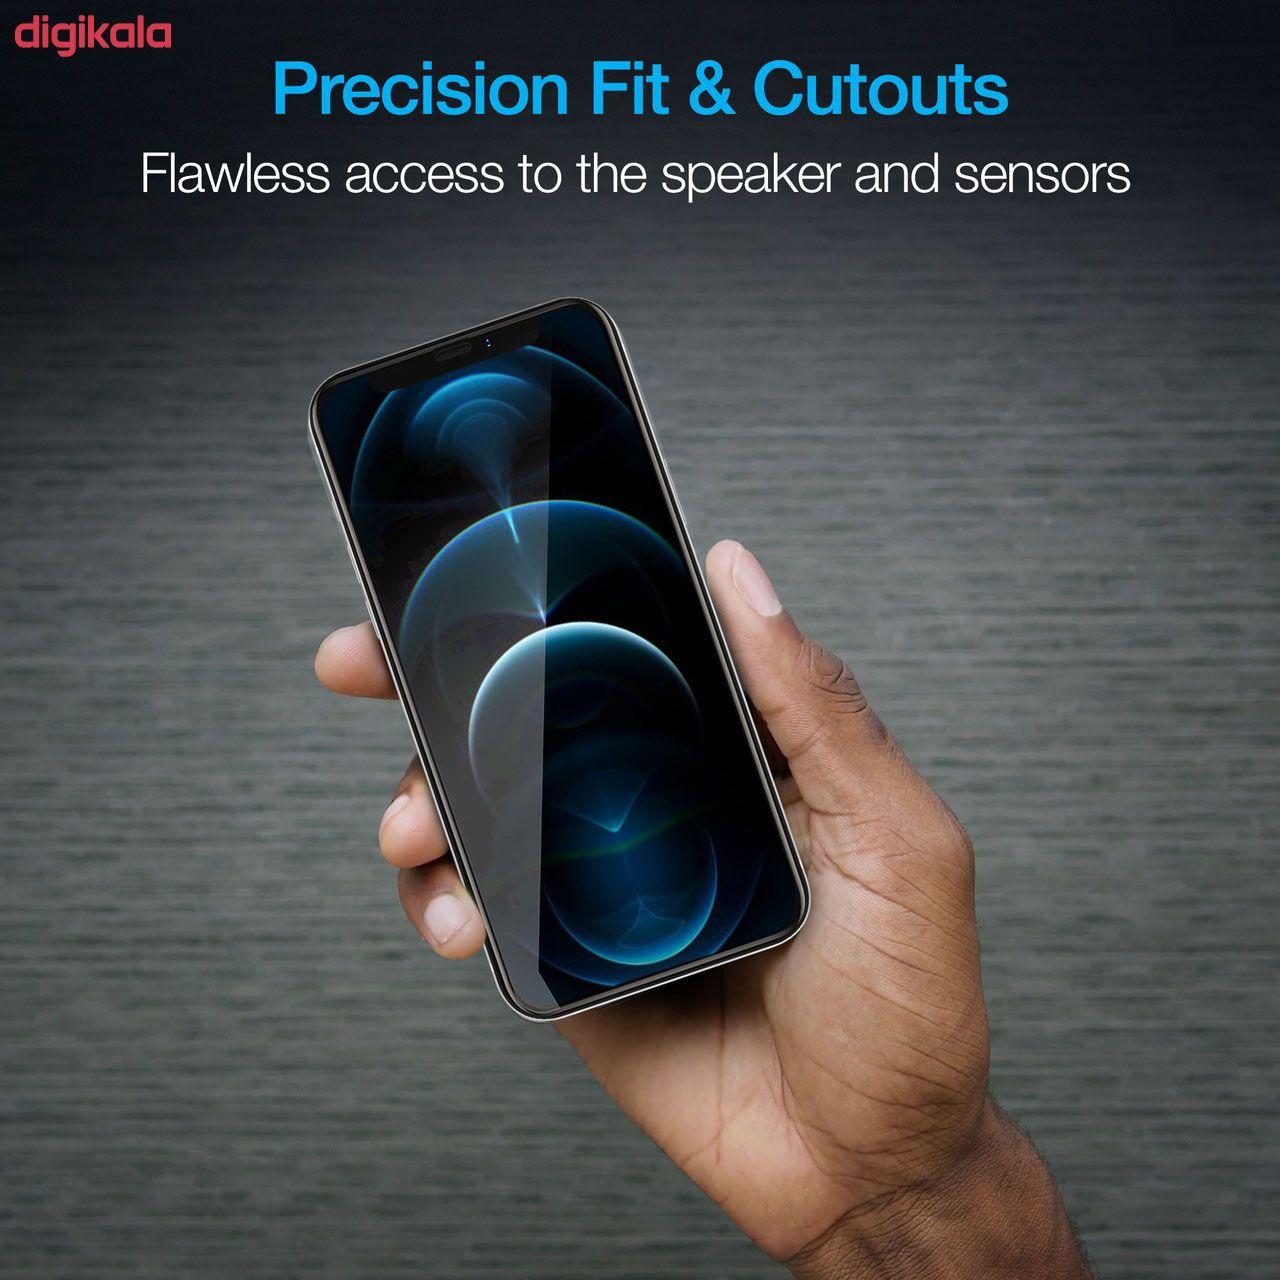 محافظ صفحه نمایش مدل FCG مناسب برای گوشی موبایل اپل iPhone 12 Pro Max بسته دو عددی main 1 16